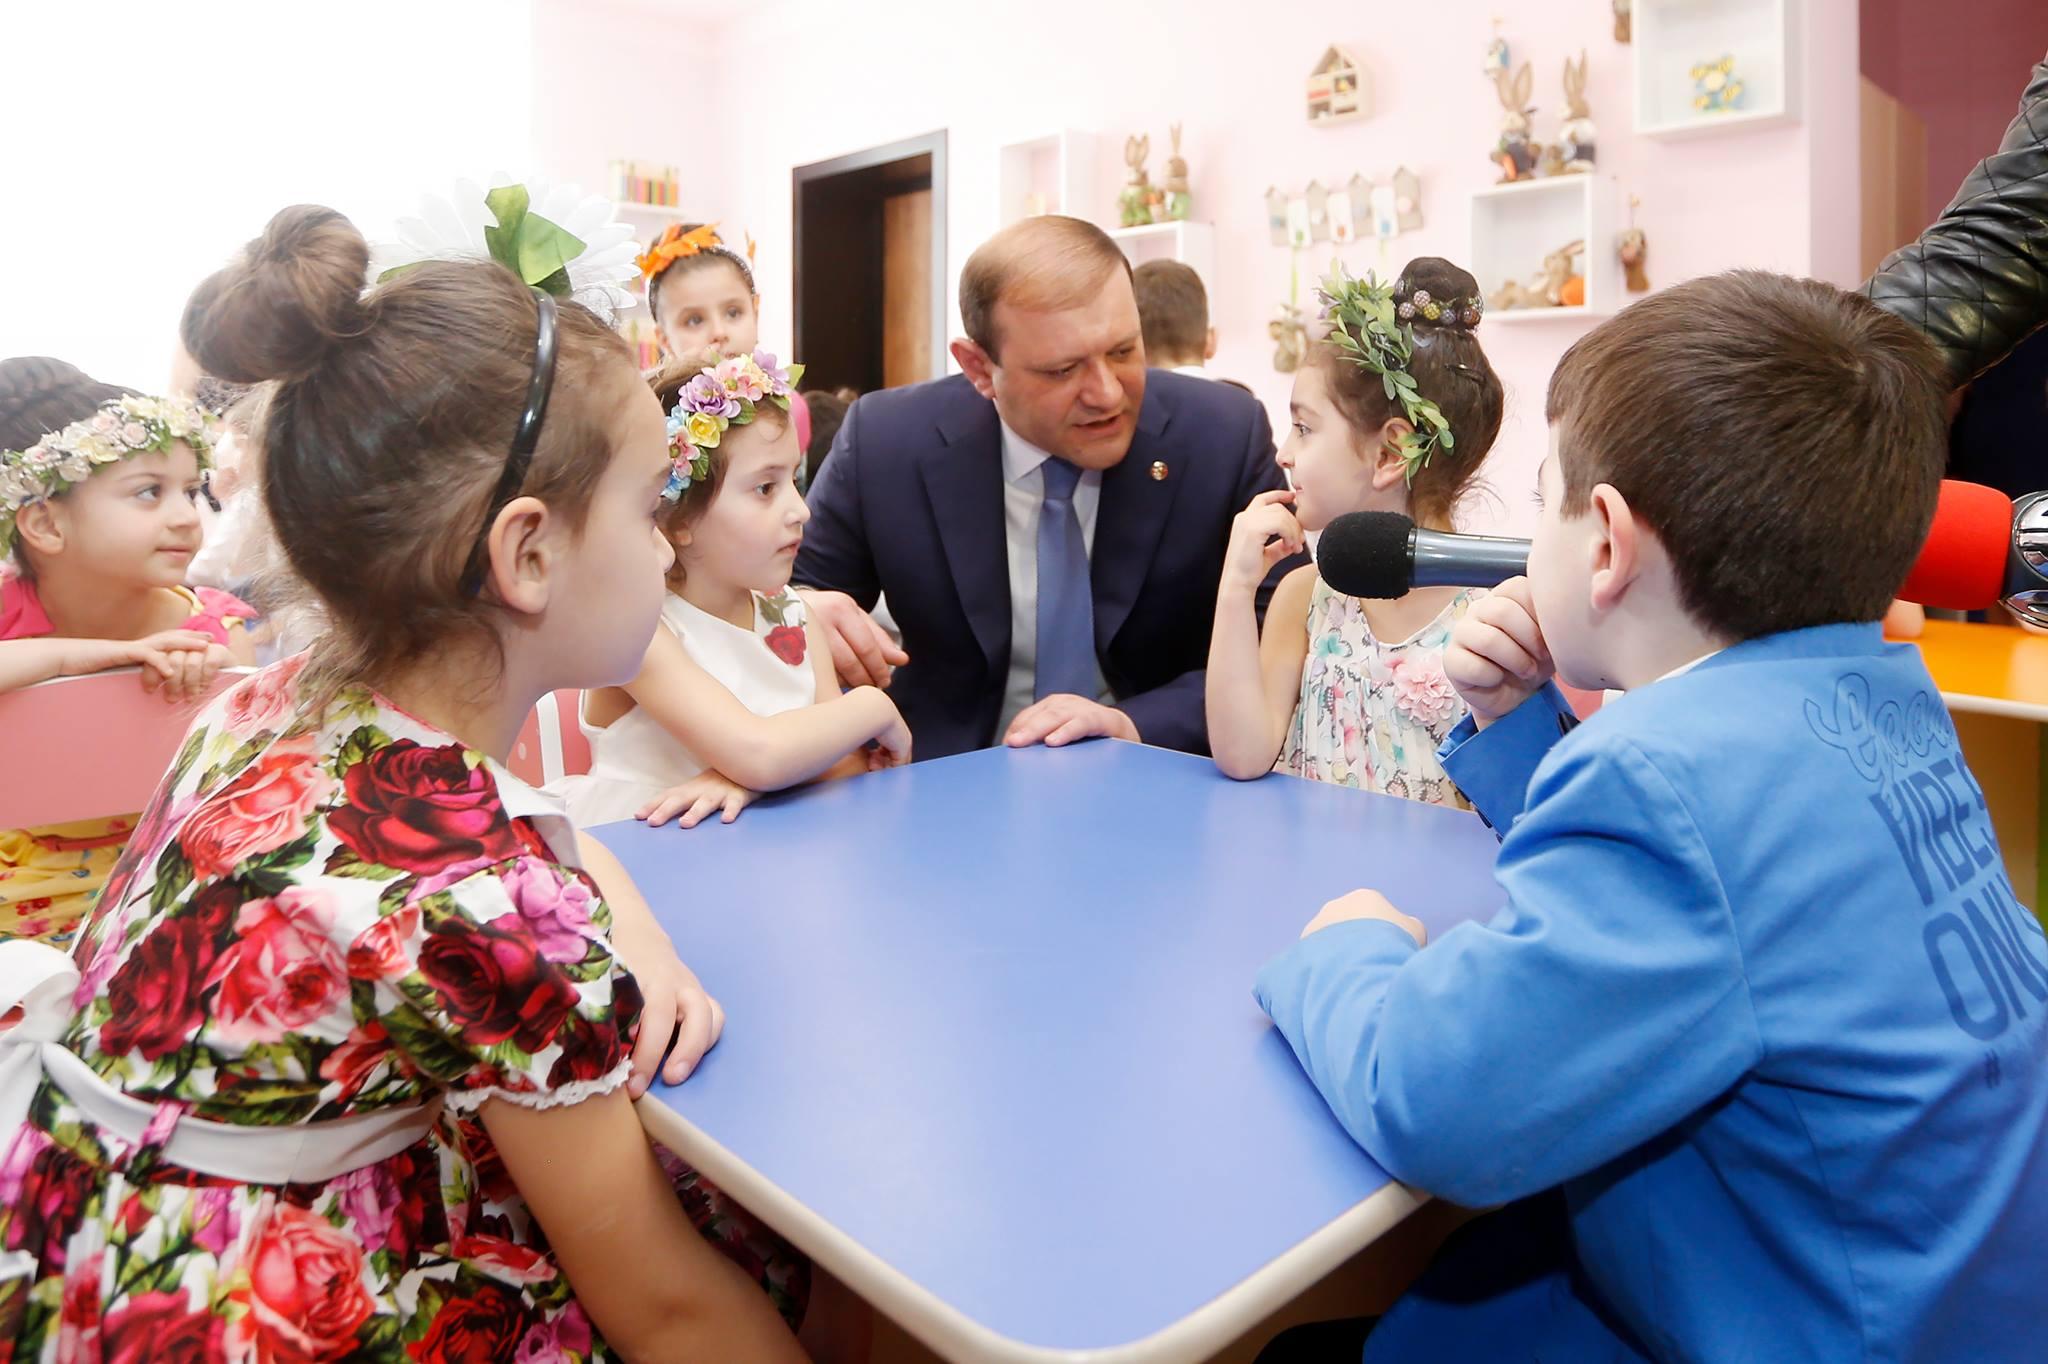 Երեխաների երջանիկ ներկան ու ապագան արված գործերի լավագույն գնահատականն է․ քաղաքապետ Տարոն Մարգարյան